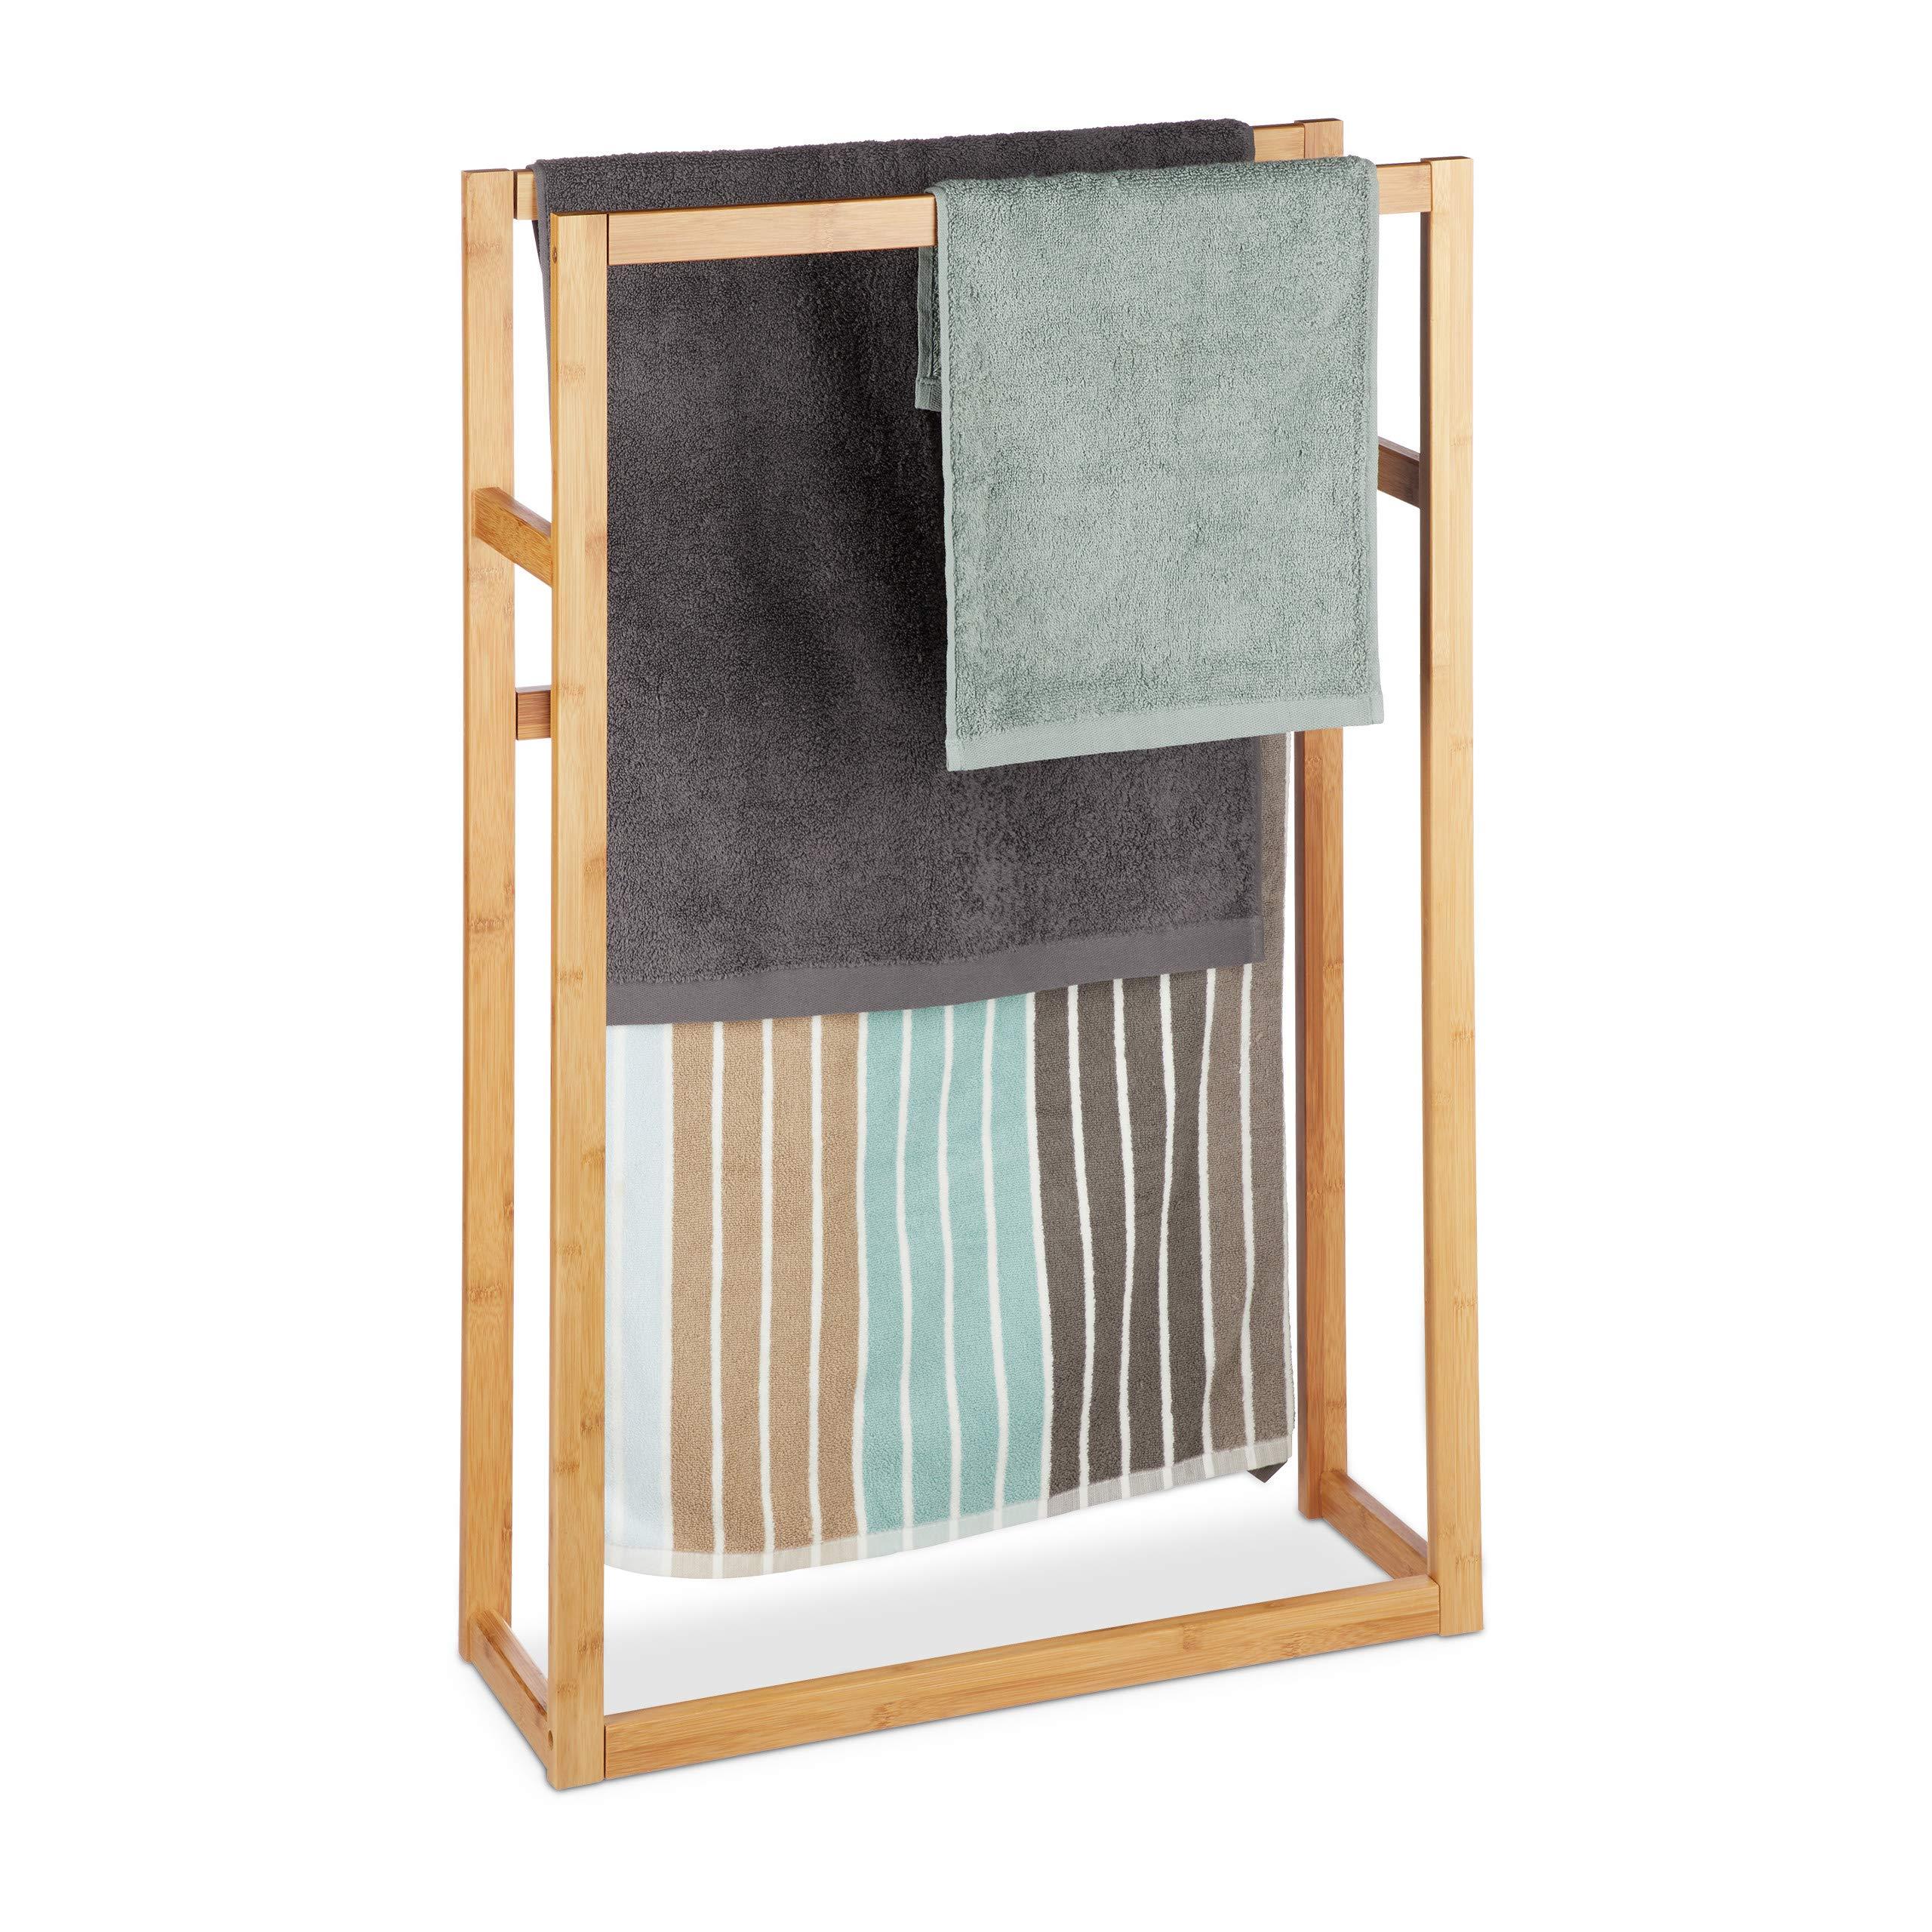 Porta Asciugamani Per Bagno In Legno.Relaxdays Porta Asciugamani Da Terra In Bambu A 2 Bracci Porta